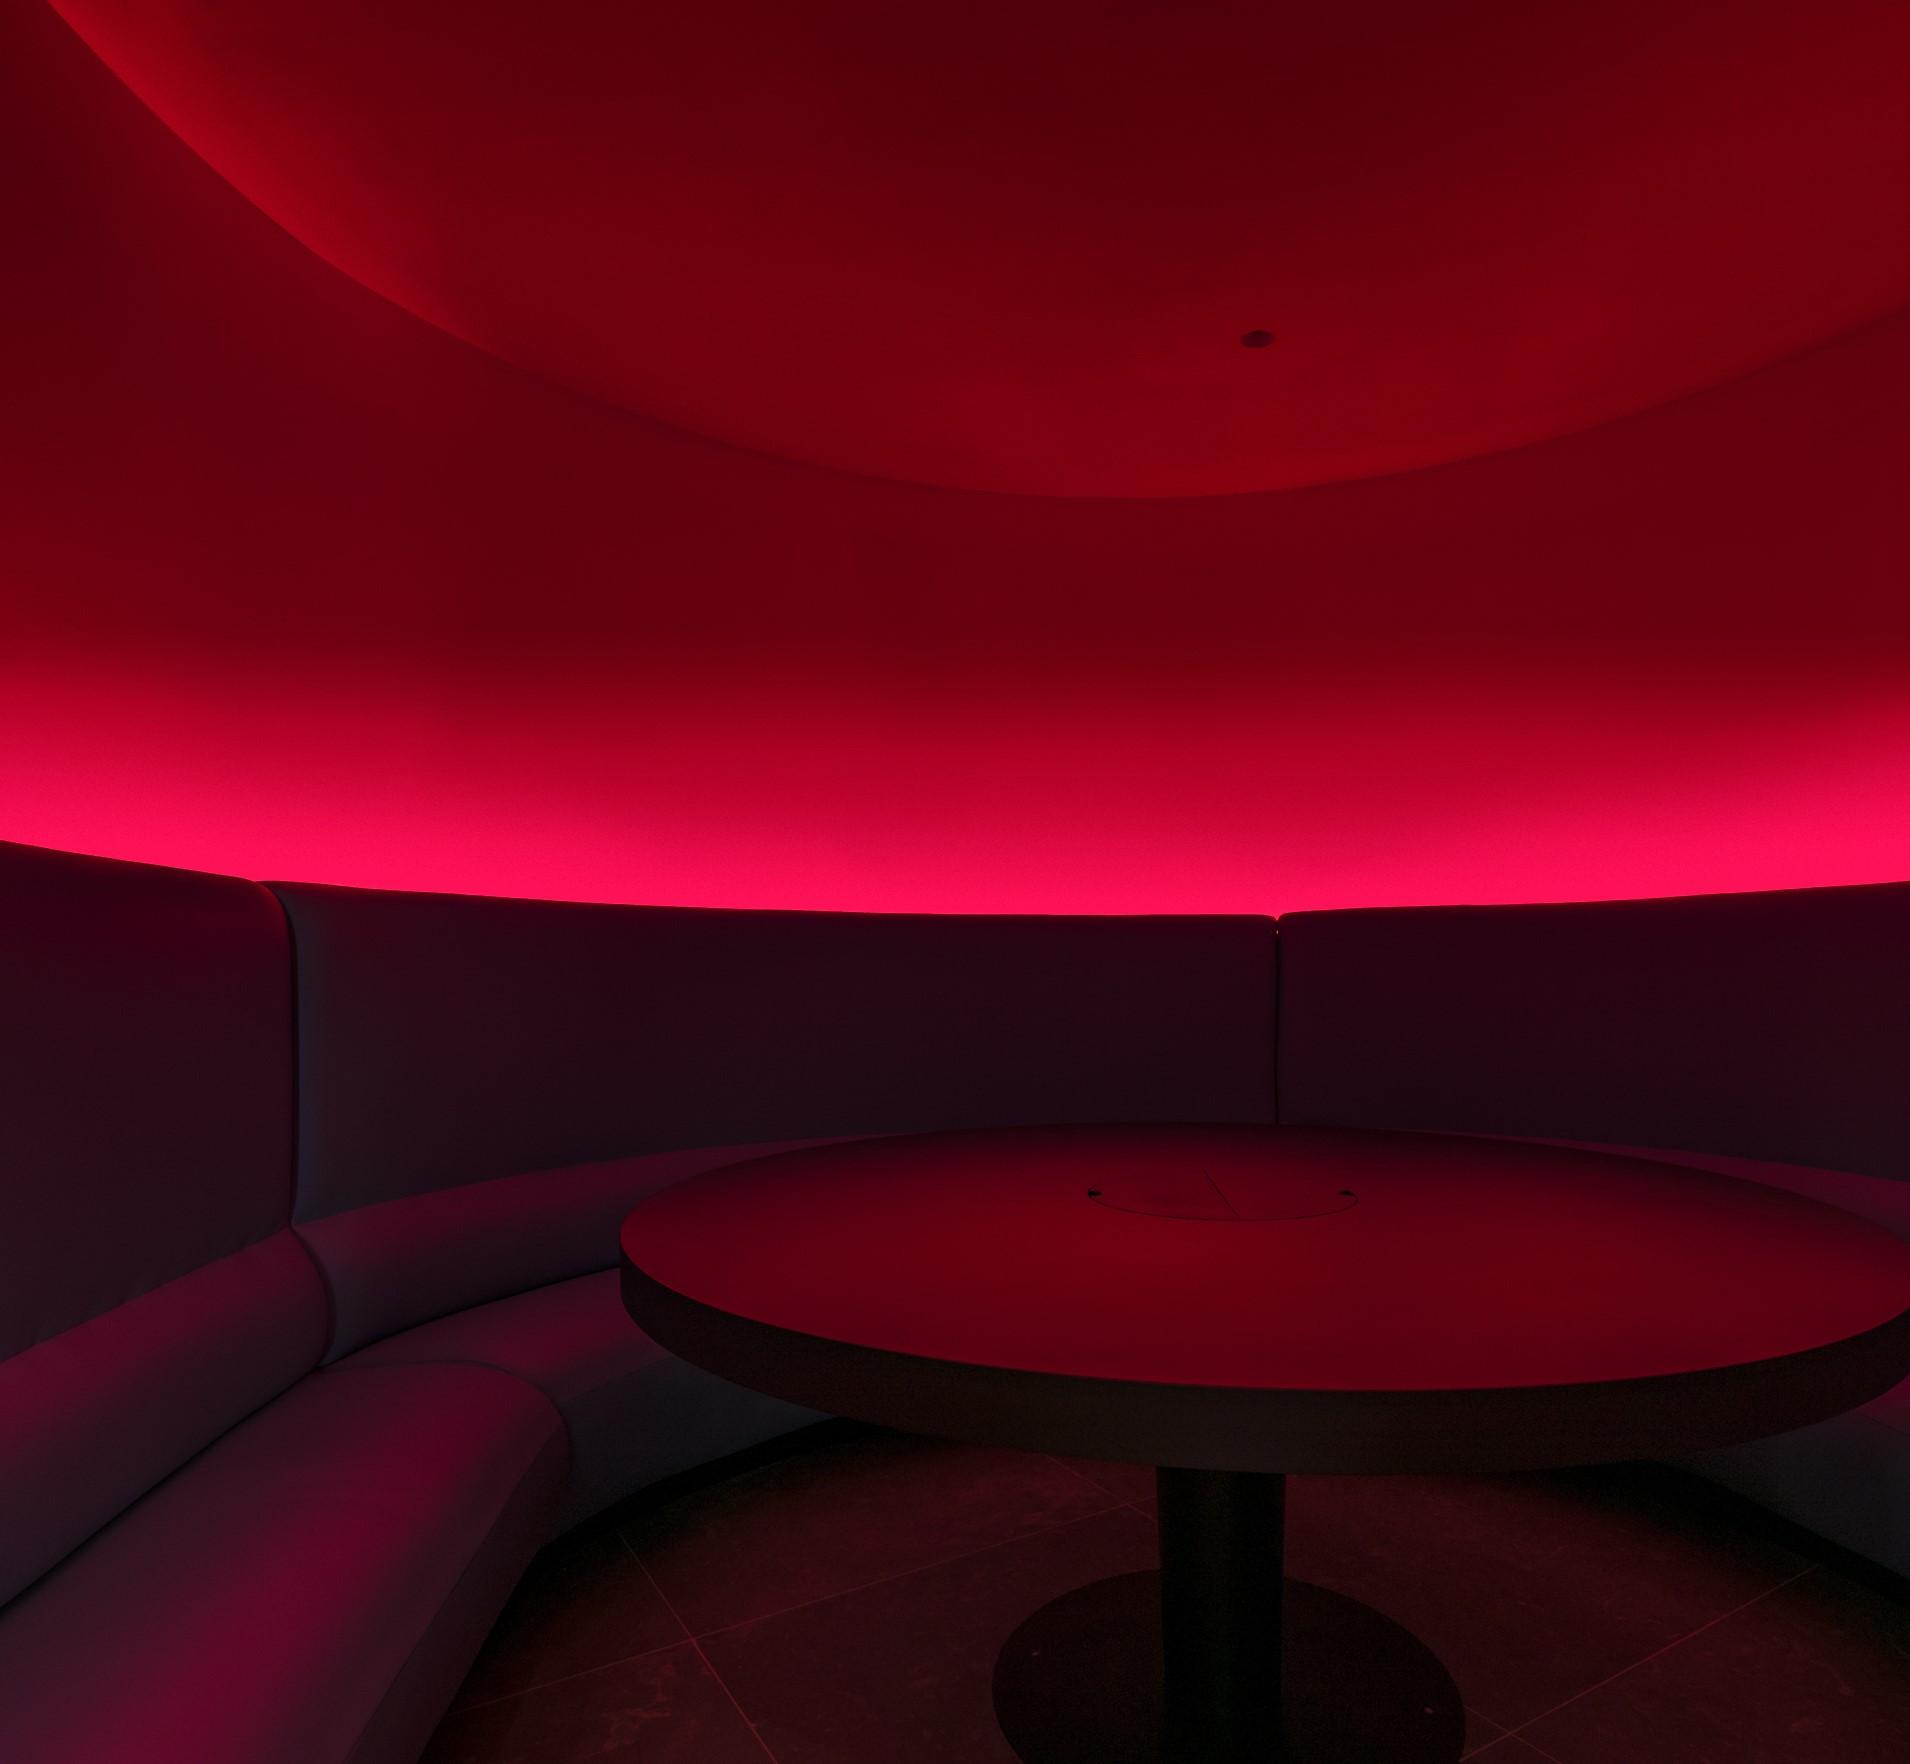 Eclairage rouge au siège social de Wiko